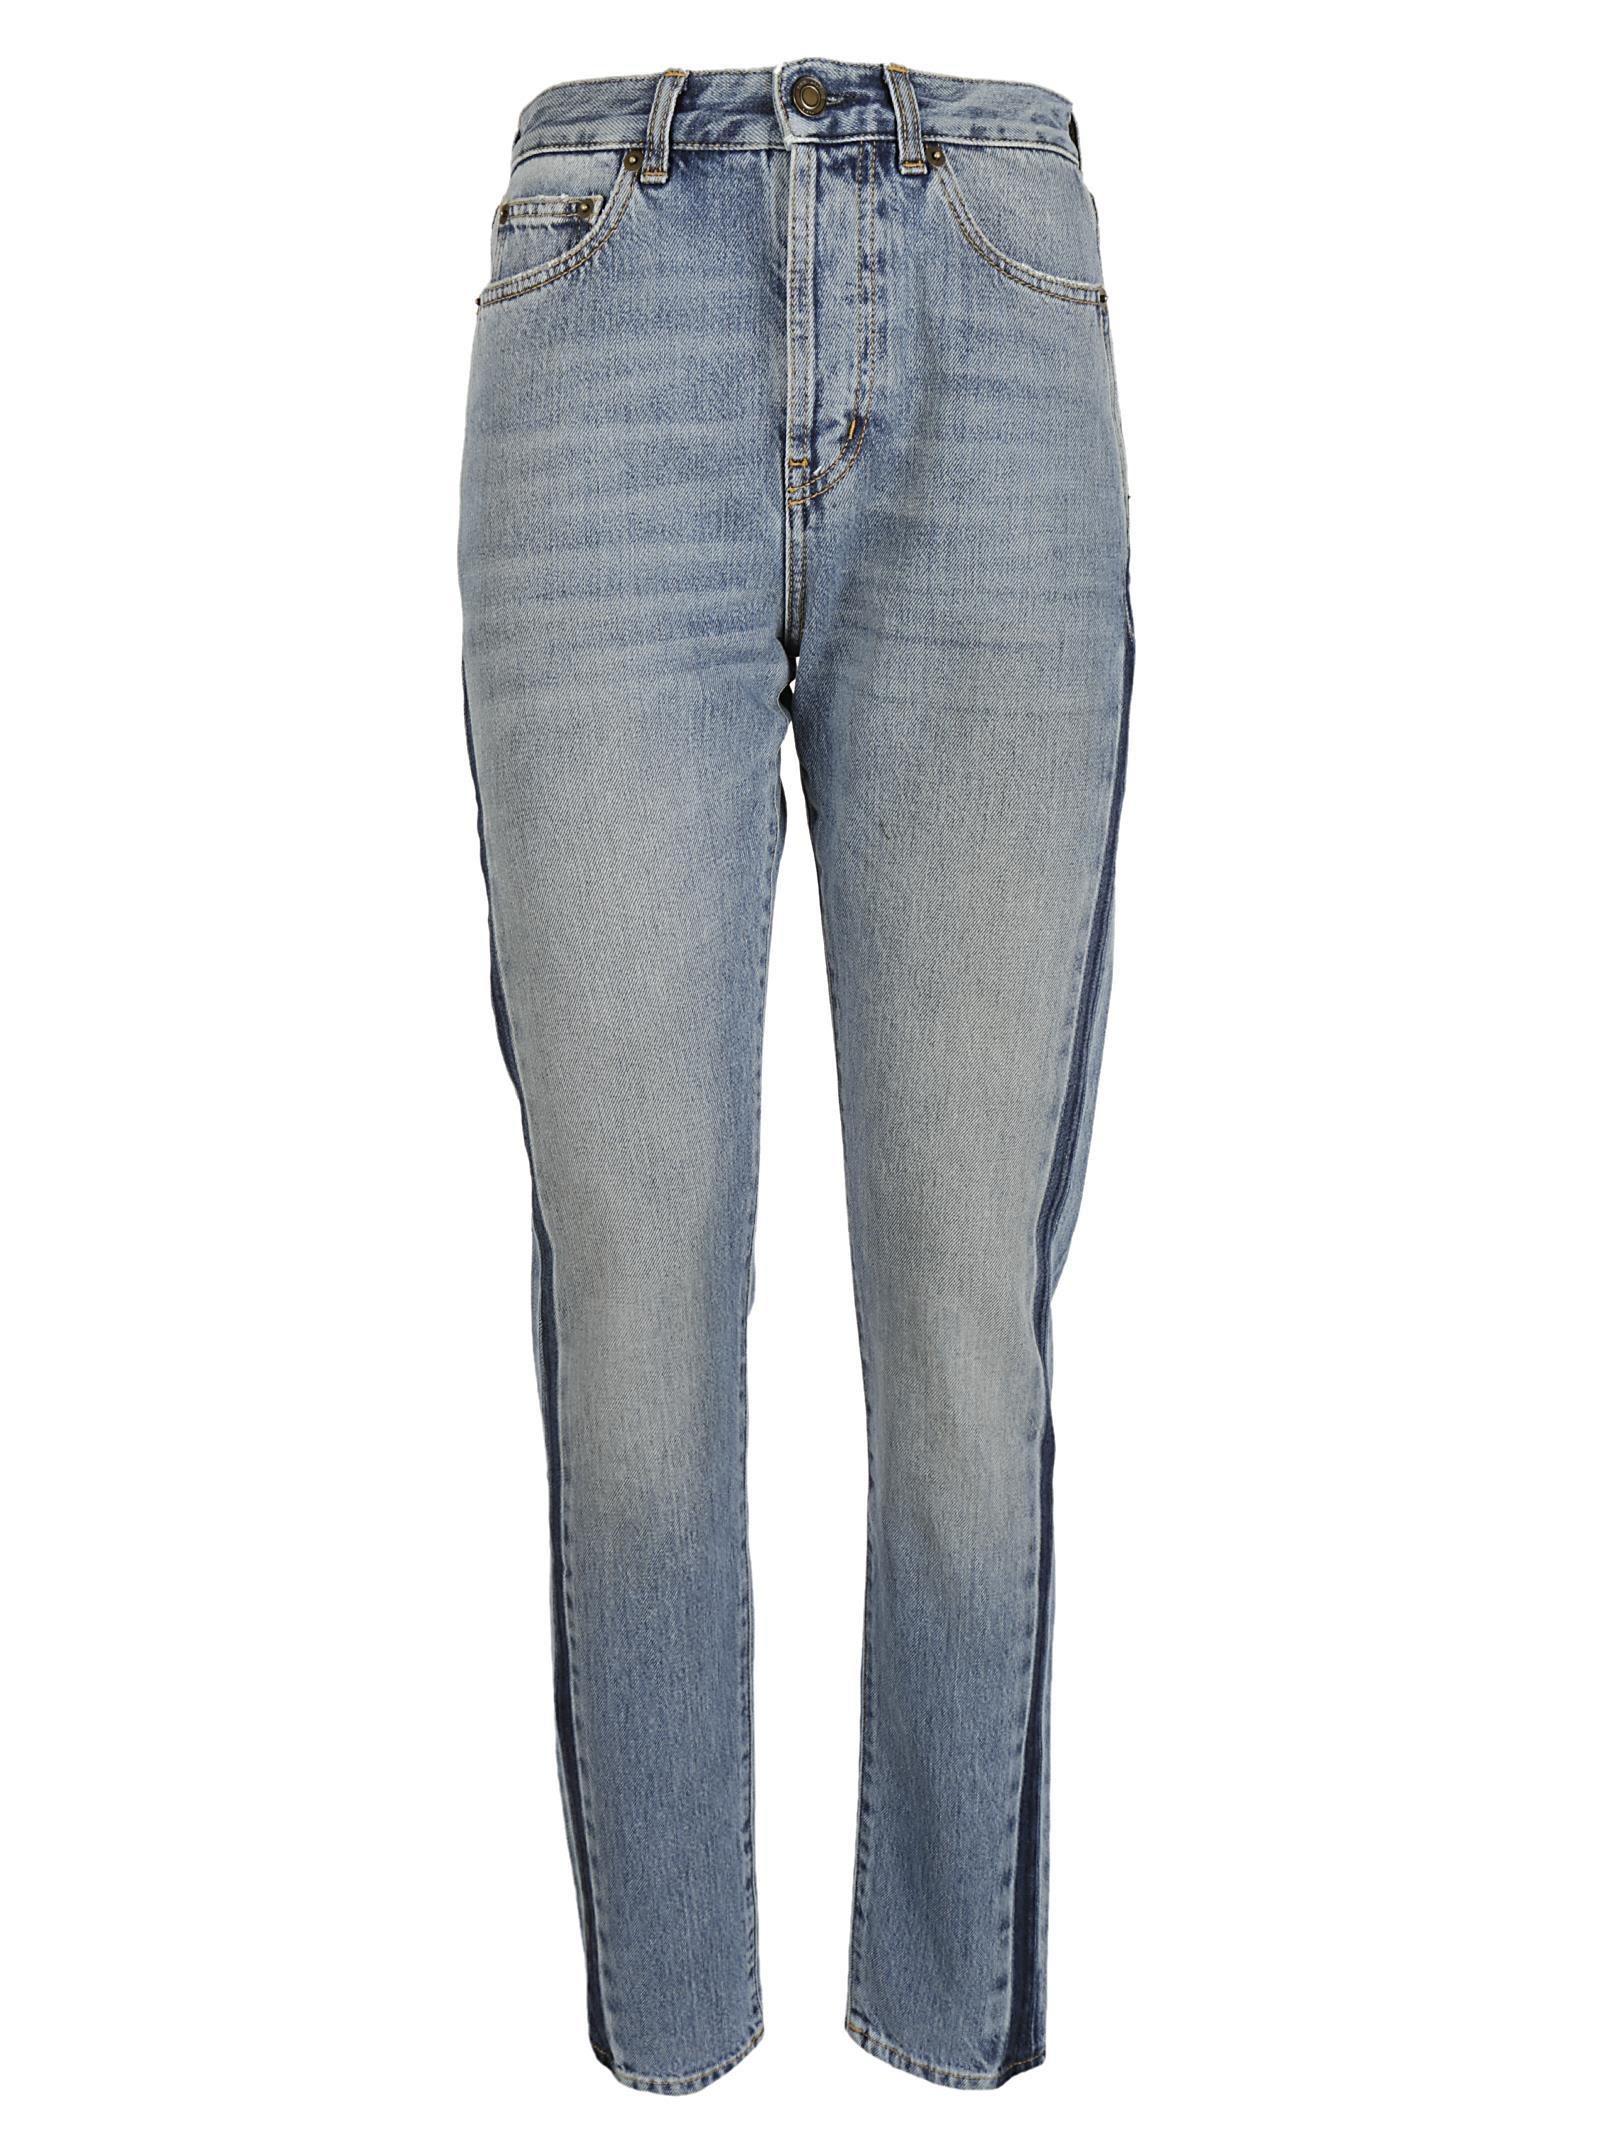 Saint Laurent Side Striped Jeans